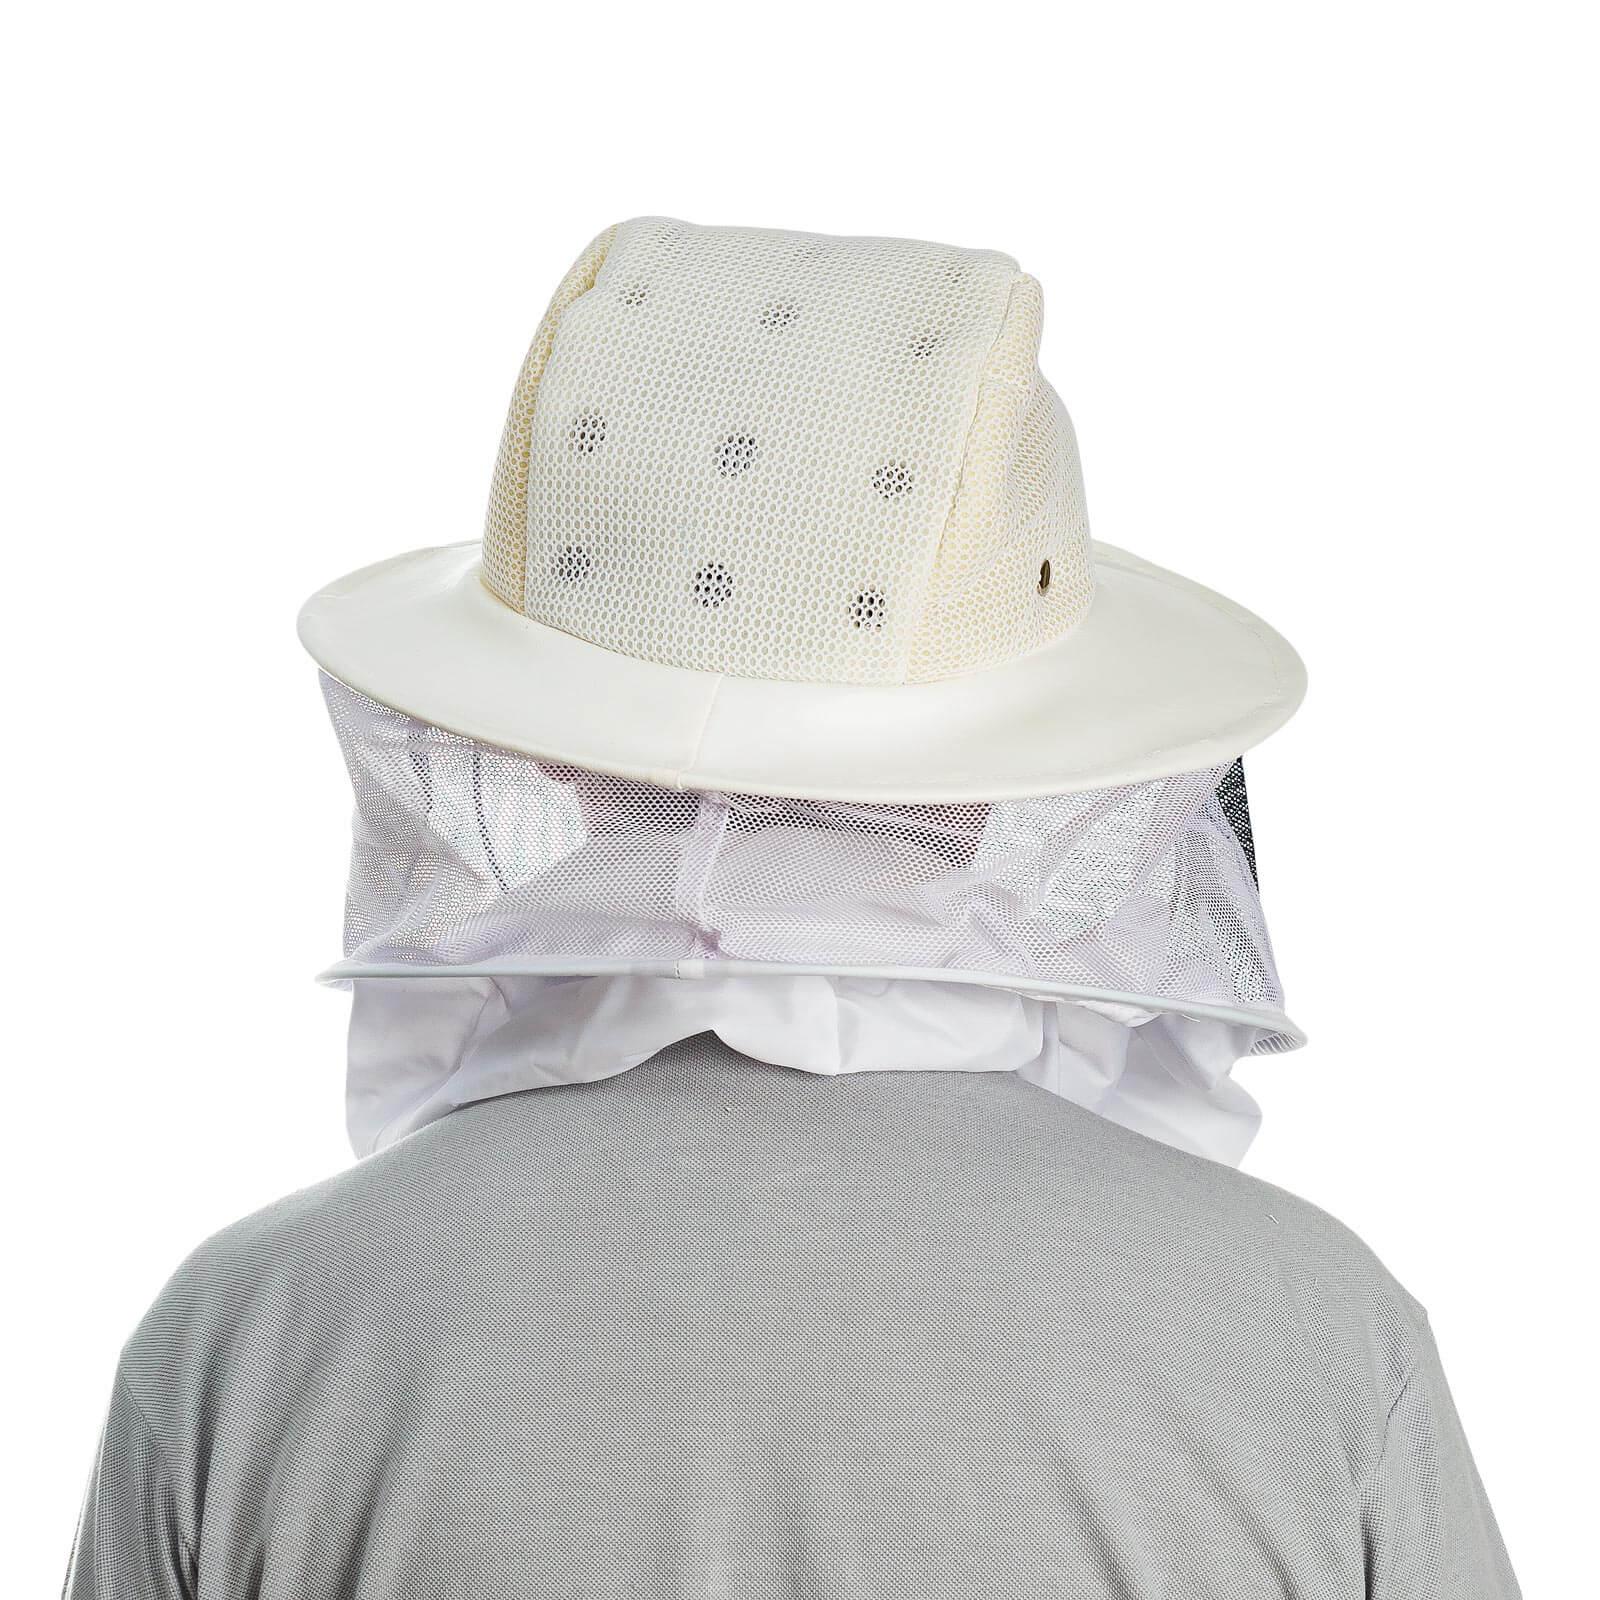 Máscara para apicultura c/chapeu  ventilado t. preta - Tamanho único